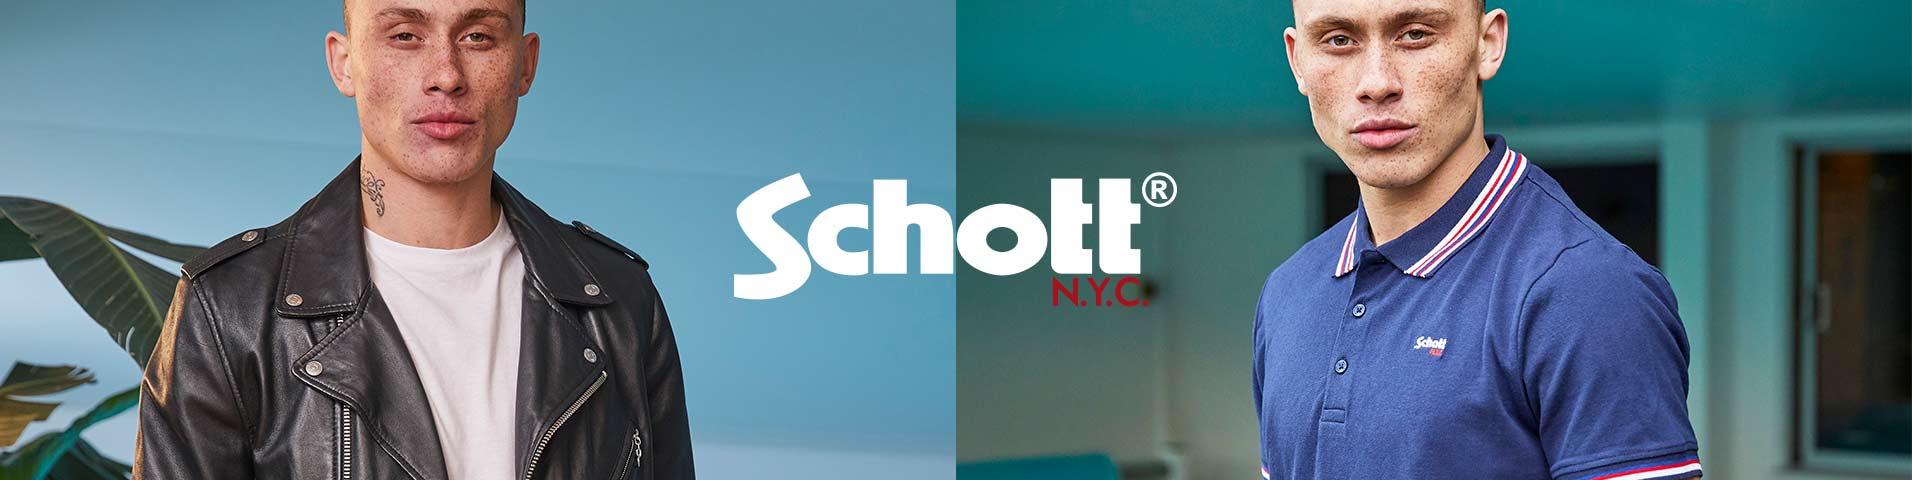 Abbigliamento uomo Schott Made in USA | Scoprilo su Zalando